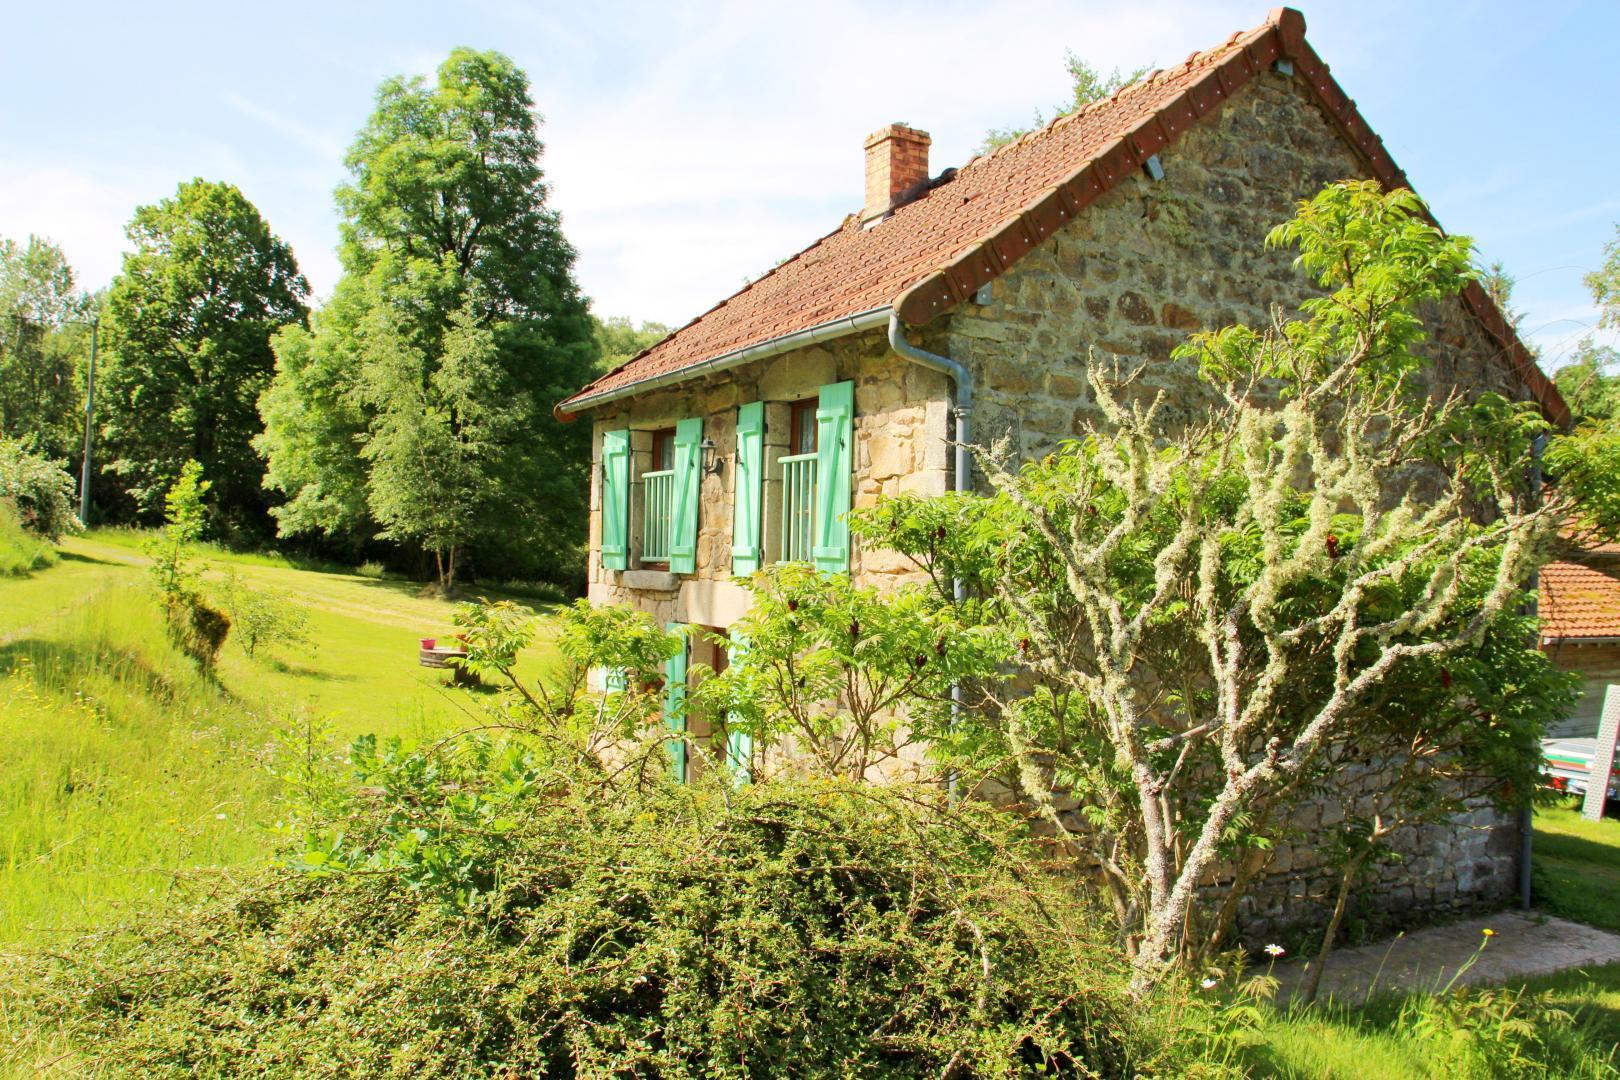 Photo Location Gîtes de France - GENTIOUX PIGEROLLES - 3 personnes - Réf : 23G935- GENTIOUX PIGEROLLES